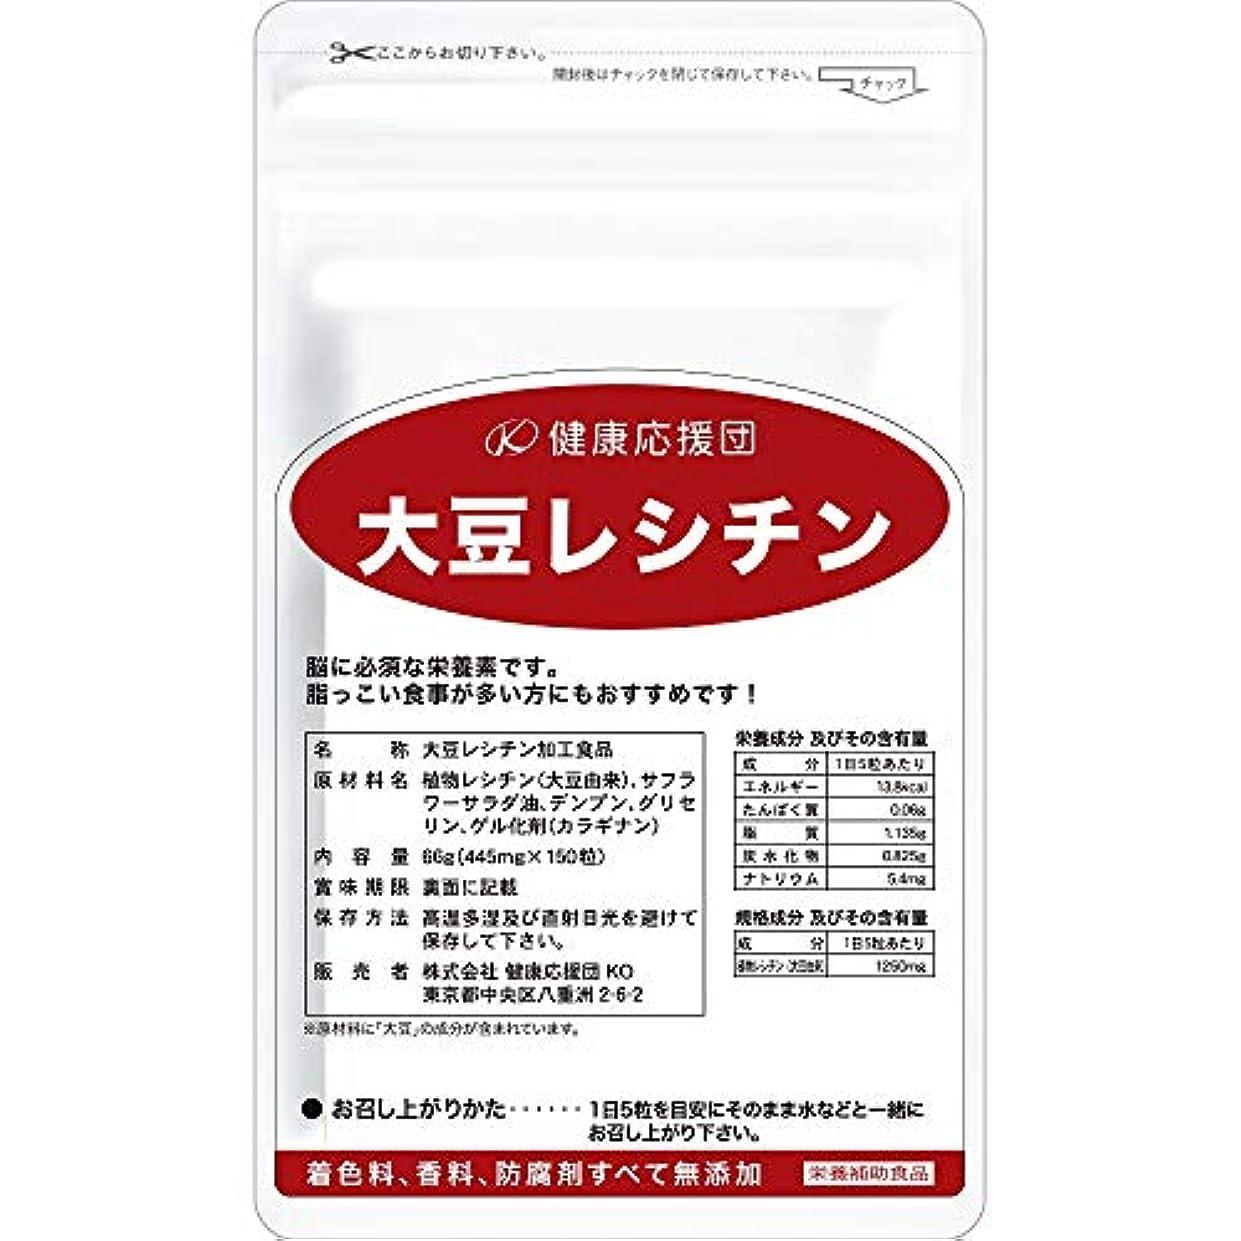 一時停止登場パニック大豆レシチン(約3か月分) 3袋セット